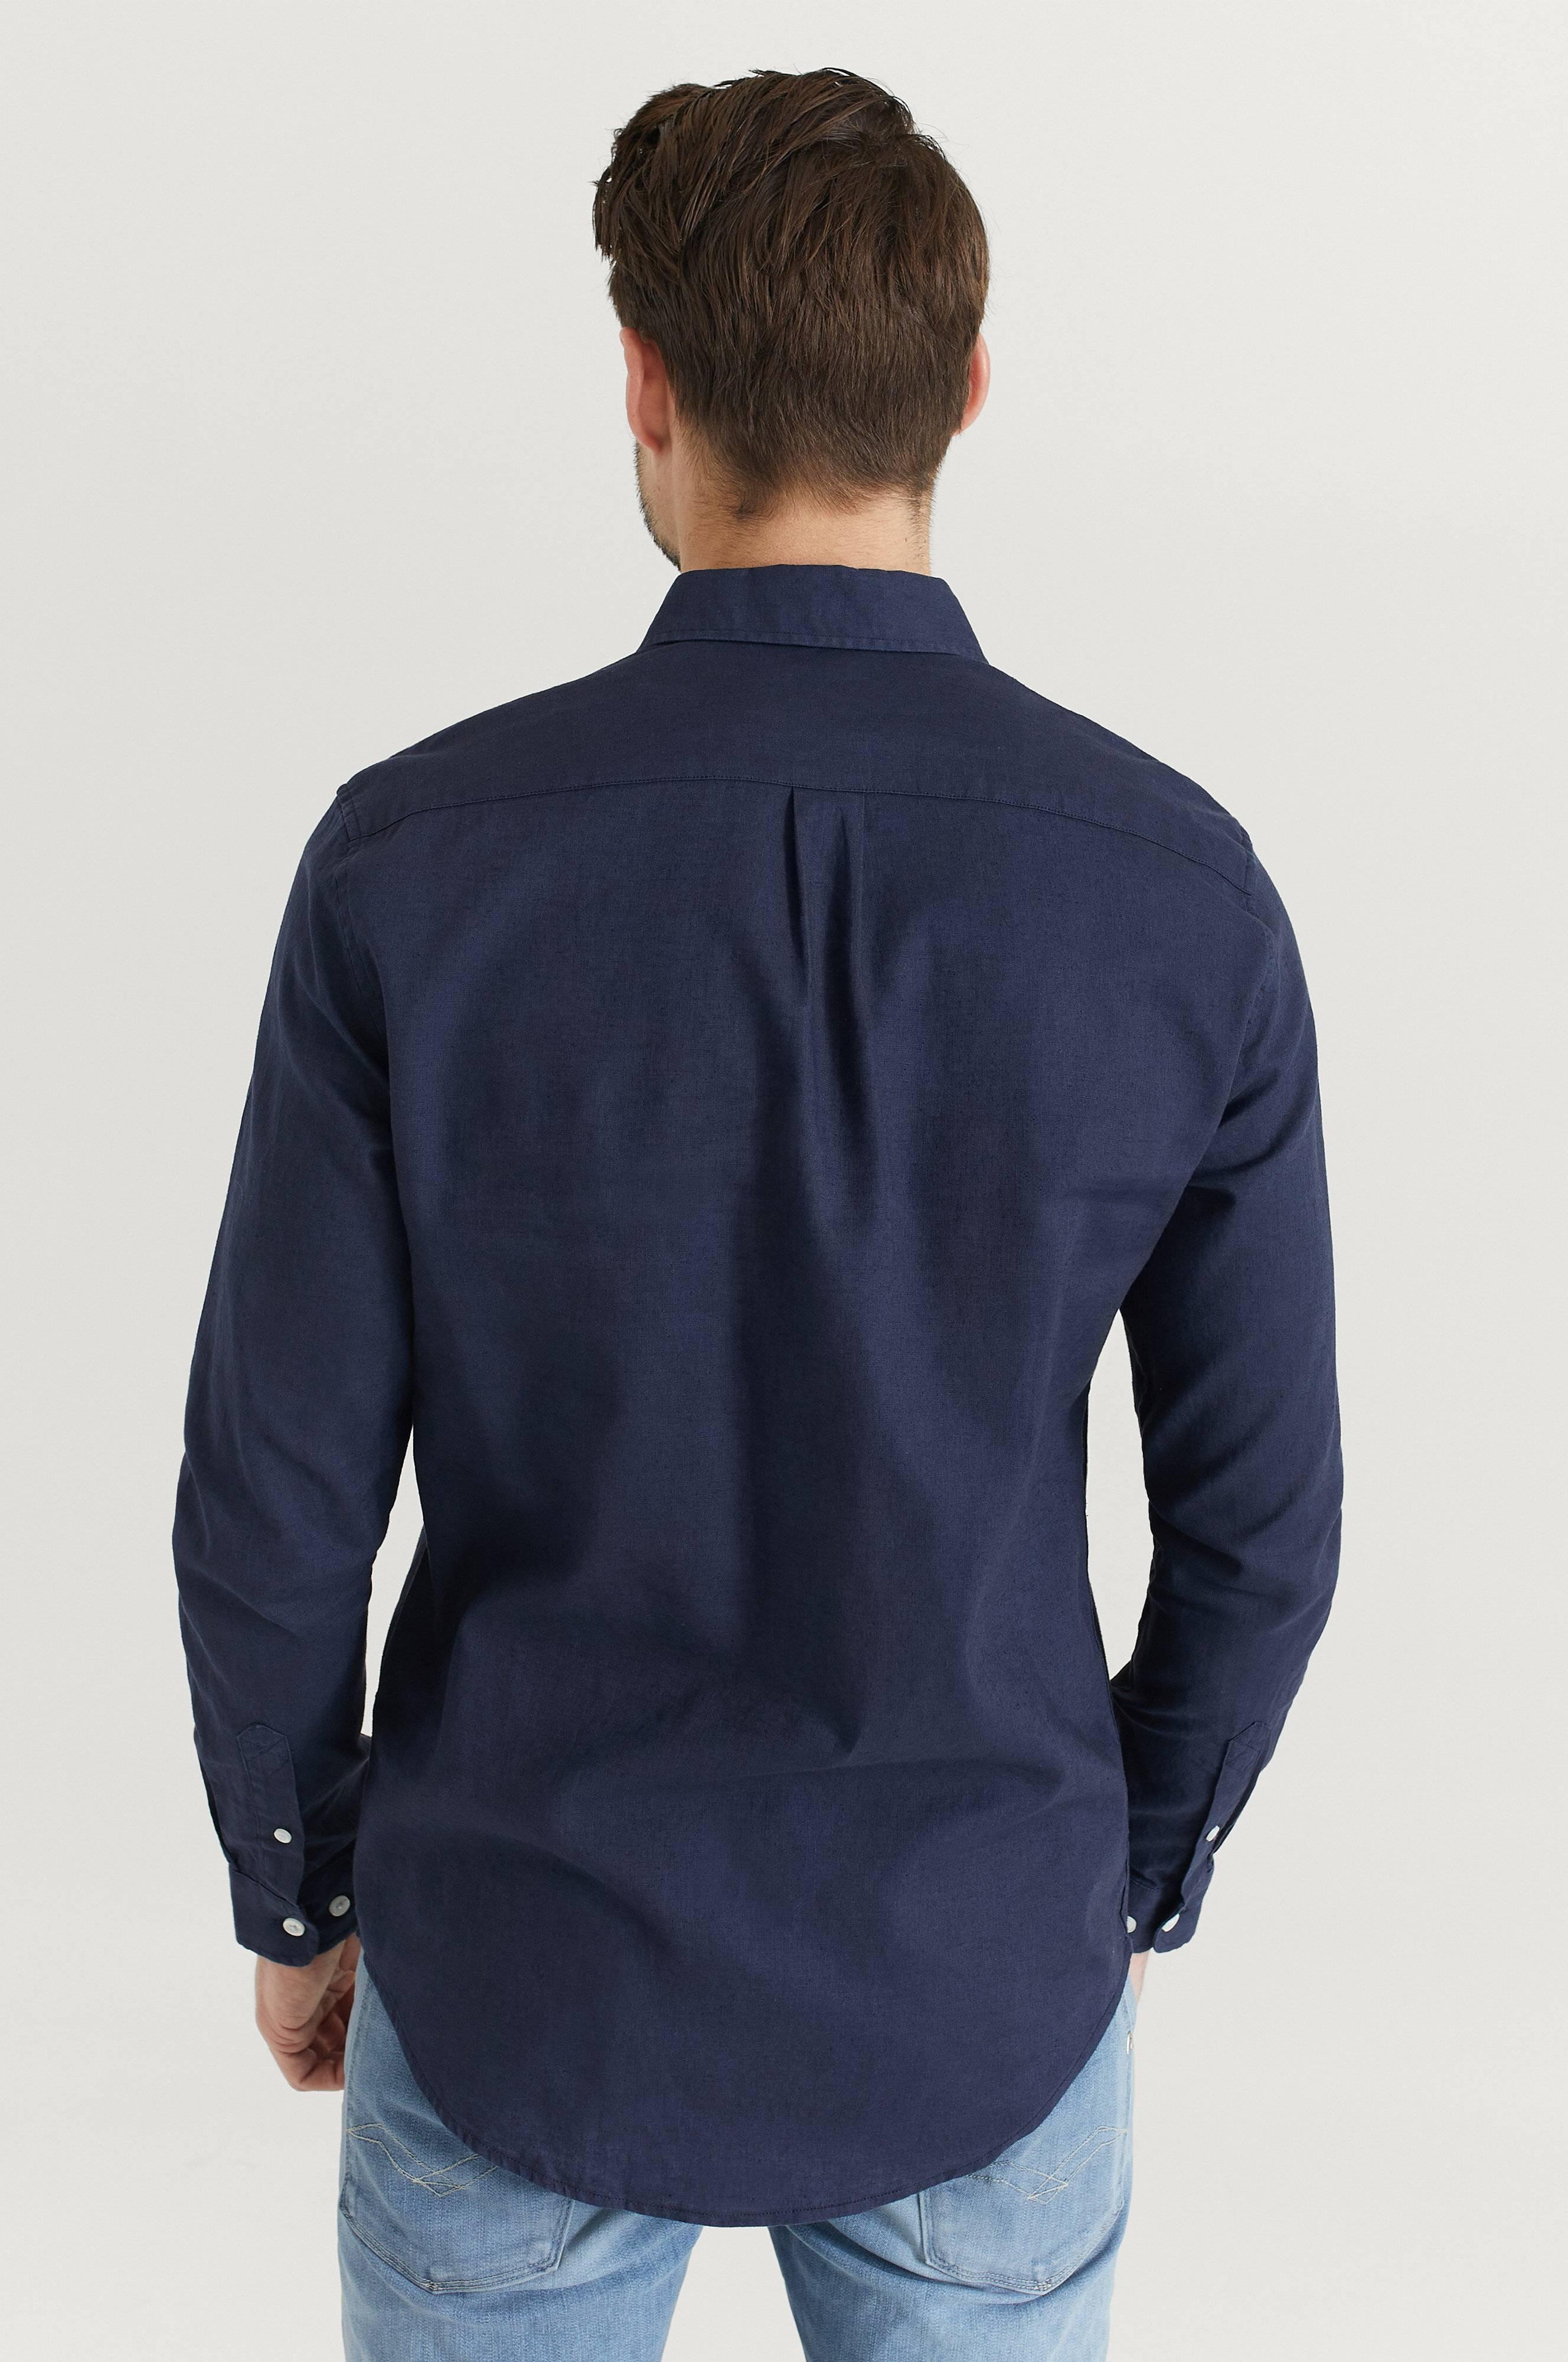 BLUE DENIM Liam BA shirt 11247 | Samsøe Samsøe